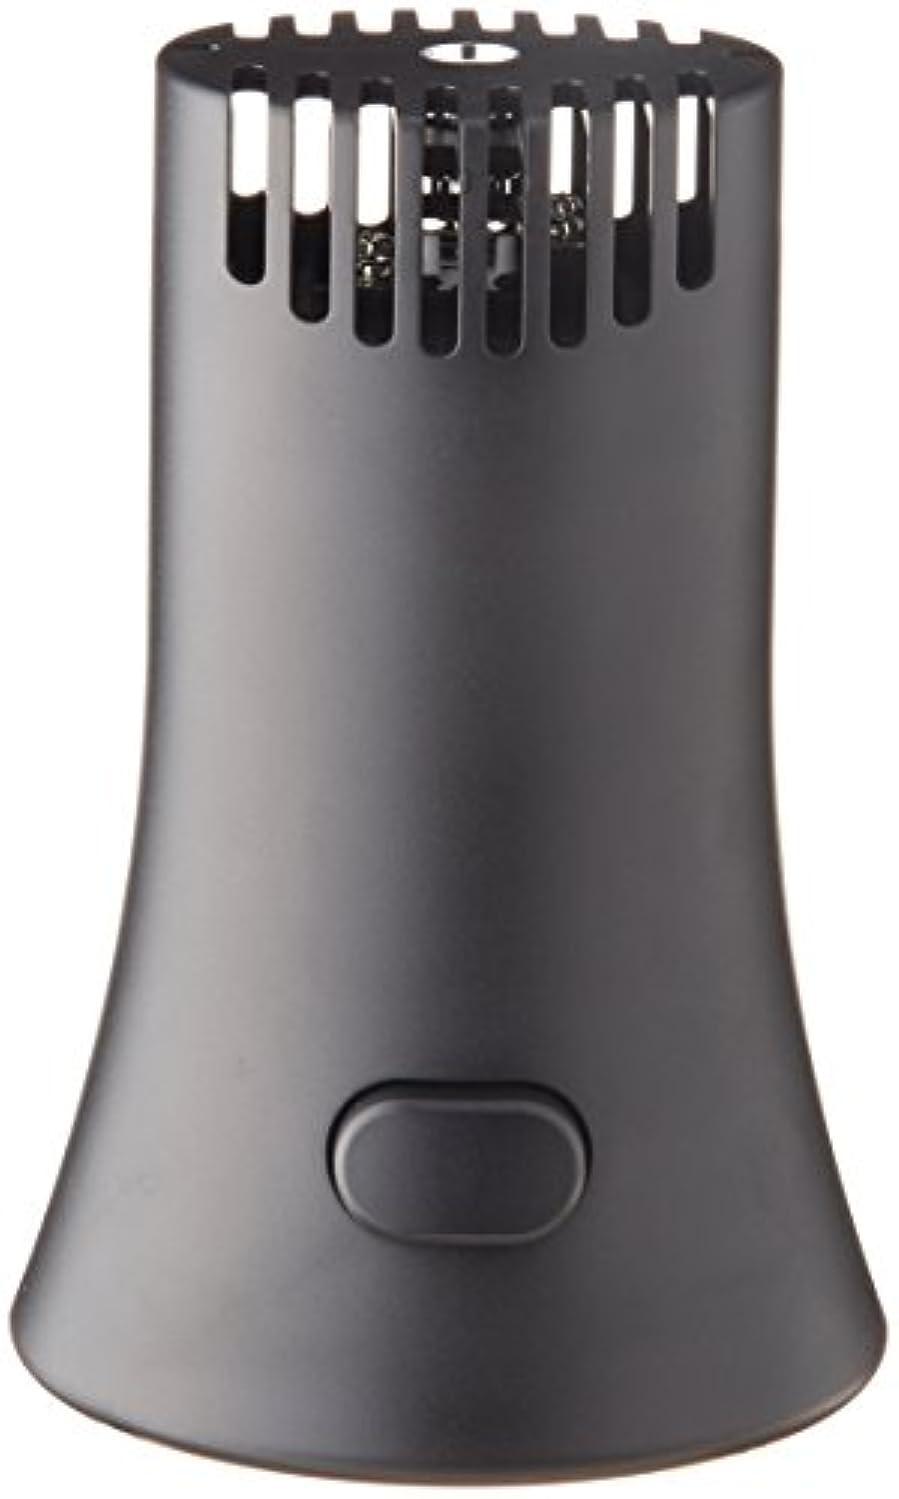 命令的シュガー緊急電池式 お線香専用着火器 セーフティチャッカ